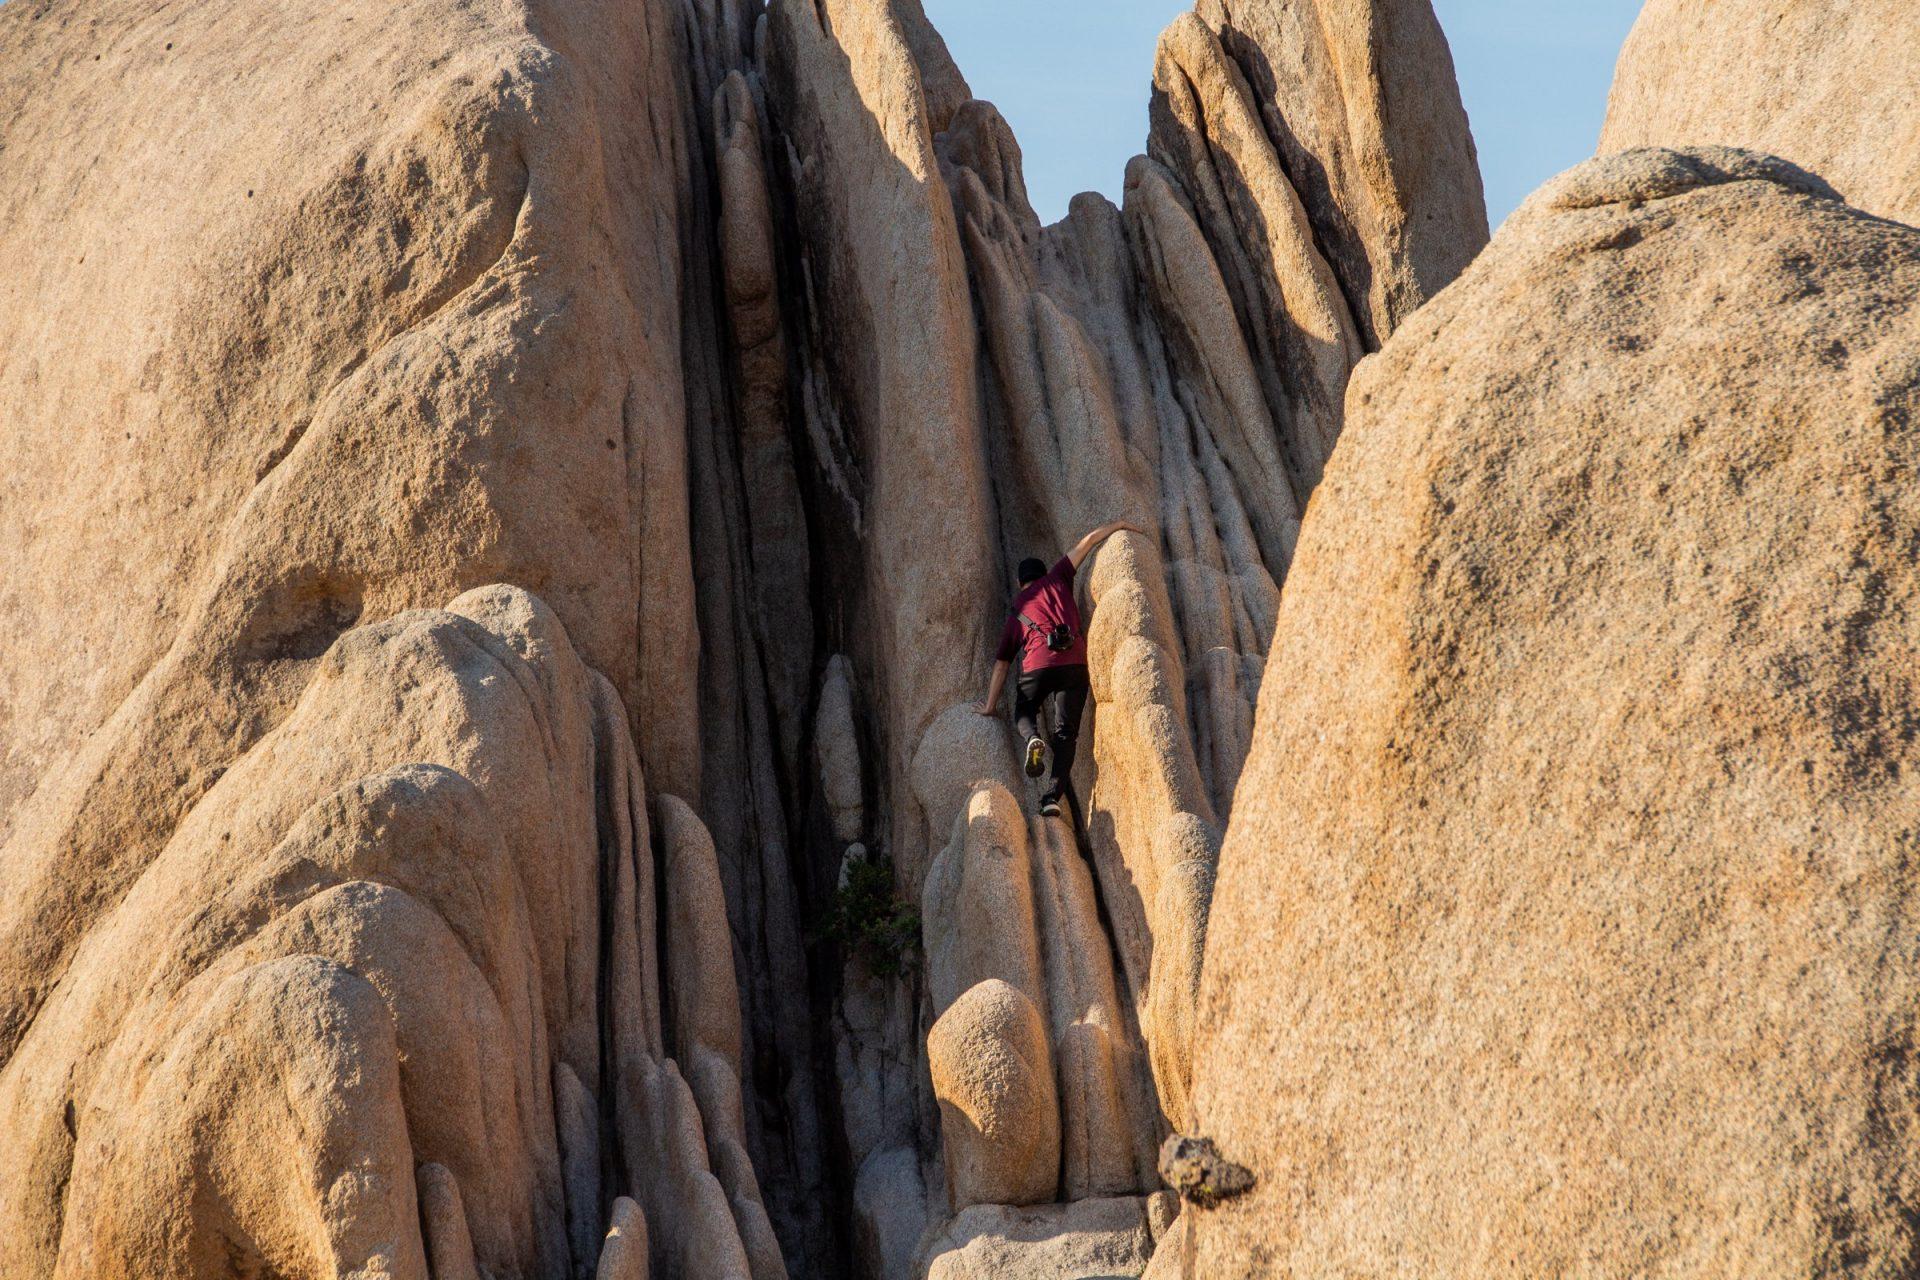 Man Climbing Big Rock